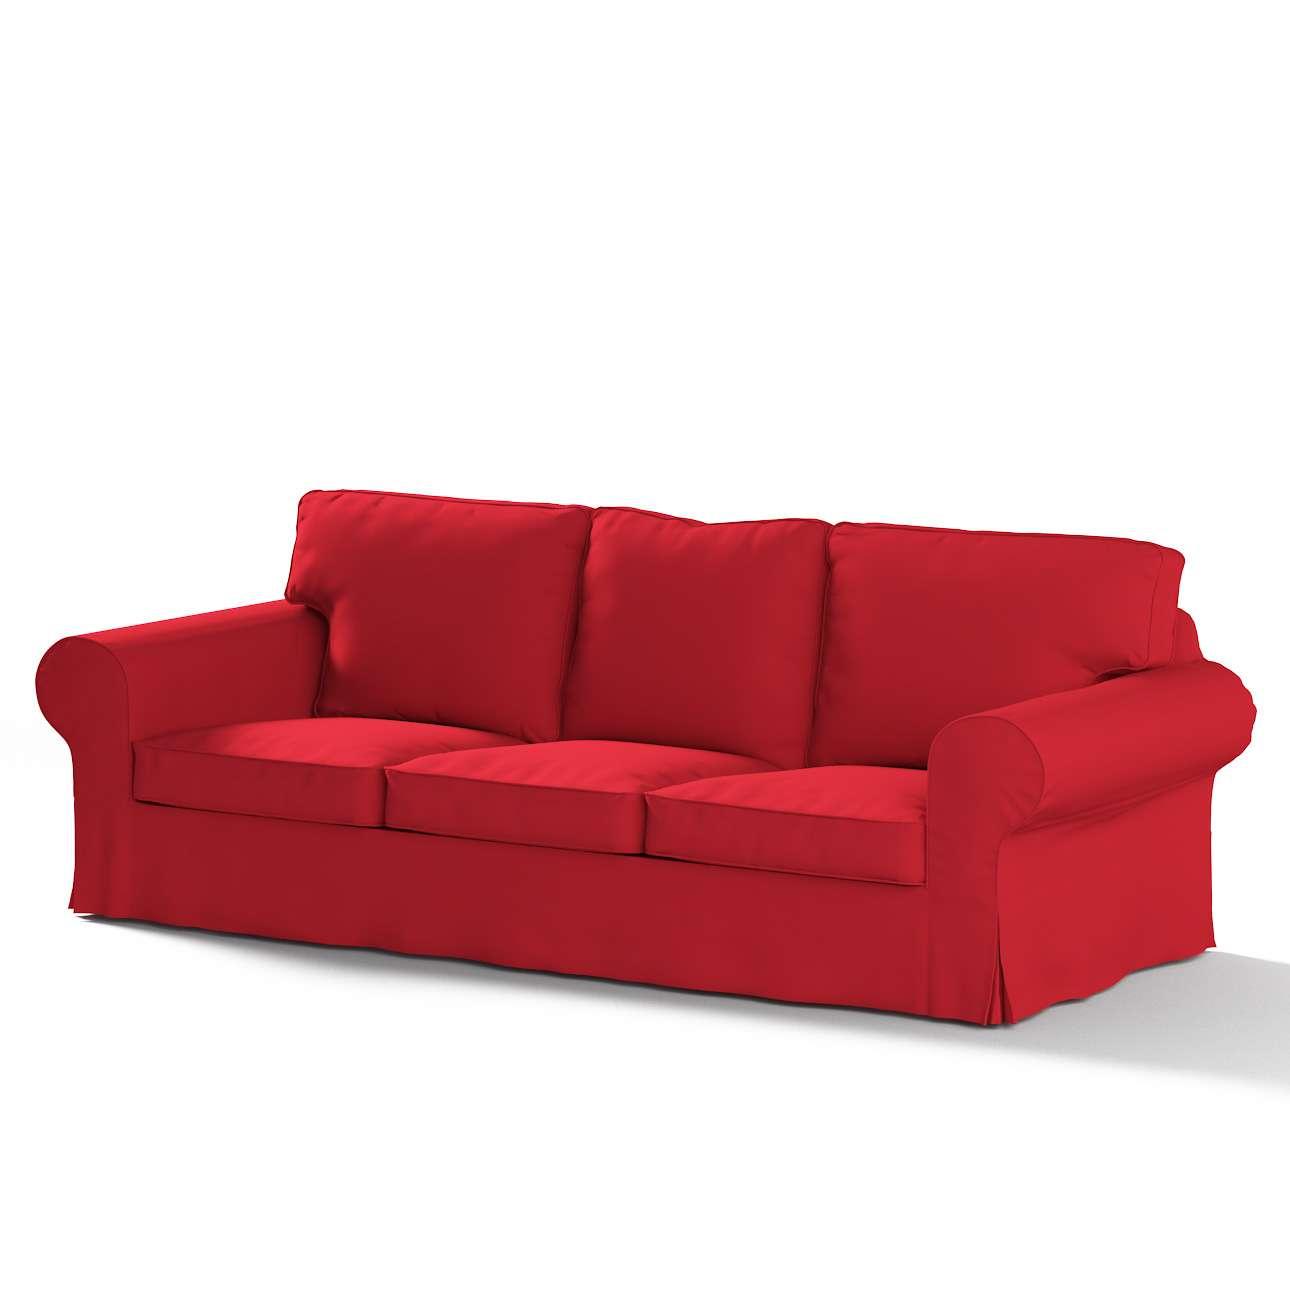 Ektorp trivietės sofos-lovos užvalkalas Ektorp trivietė sofa-lova kolekcijoje Cotton Panama, audinys: 702-04